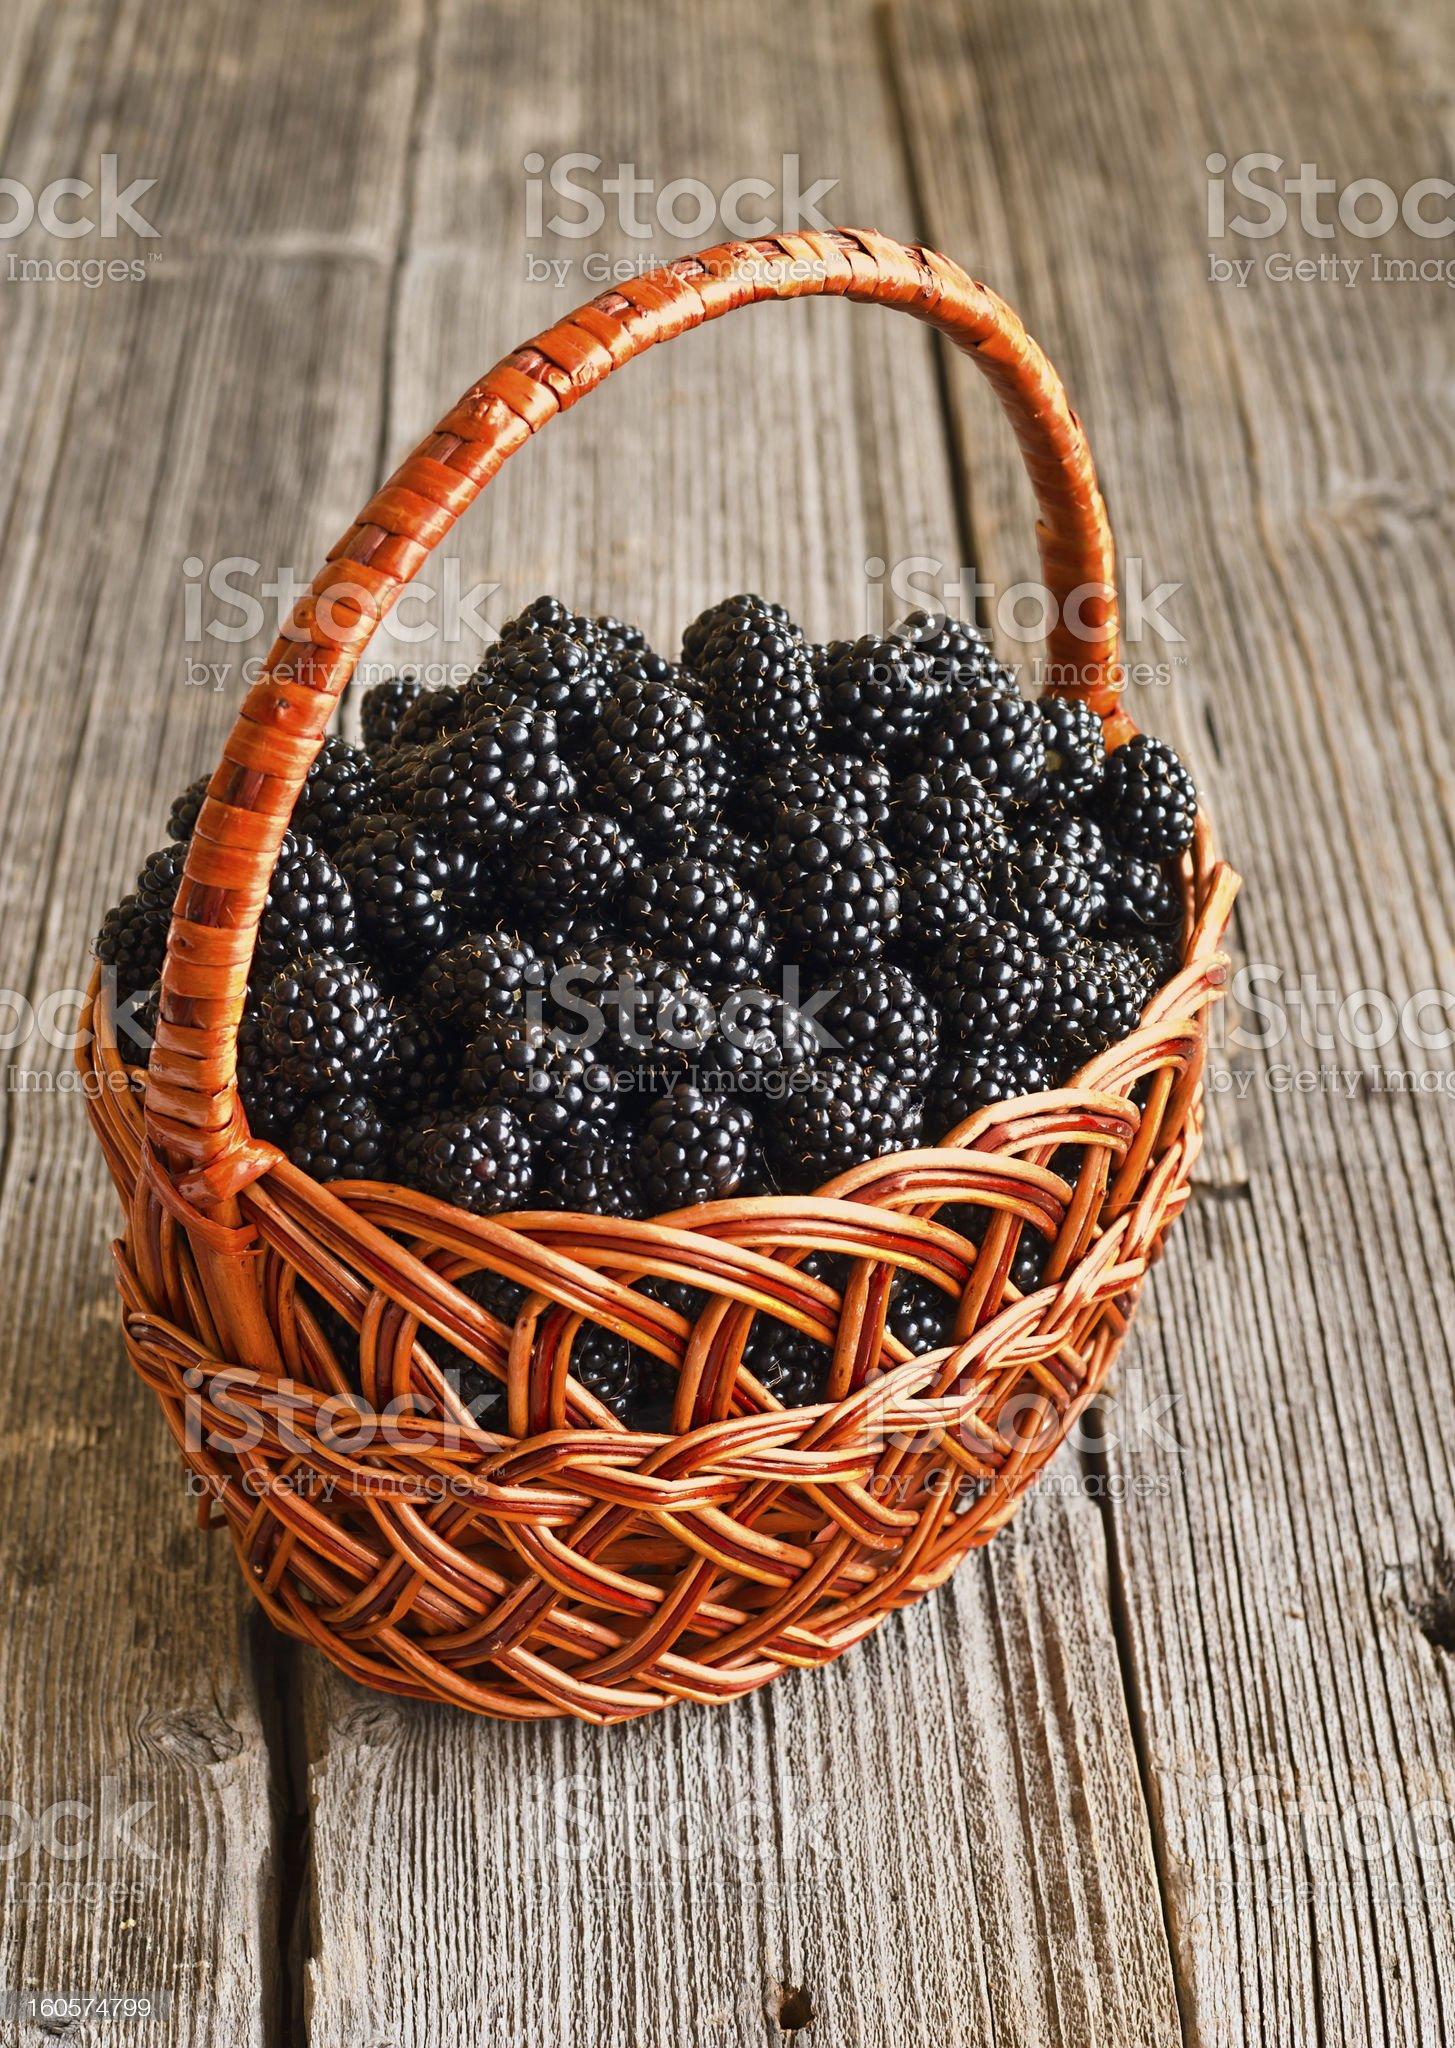 Blackberries in basket royalty-free stock photo